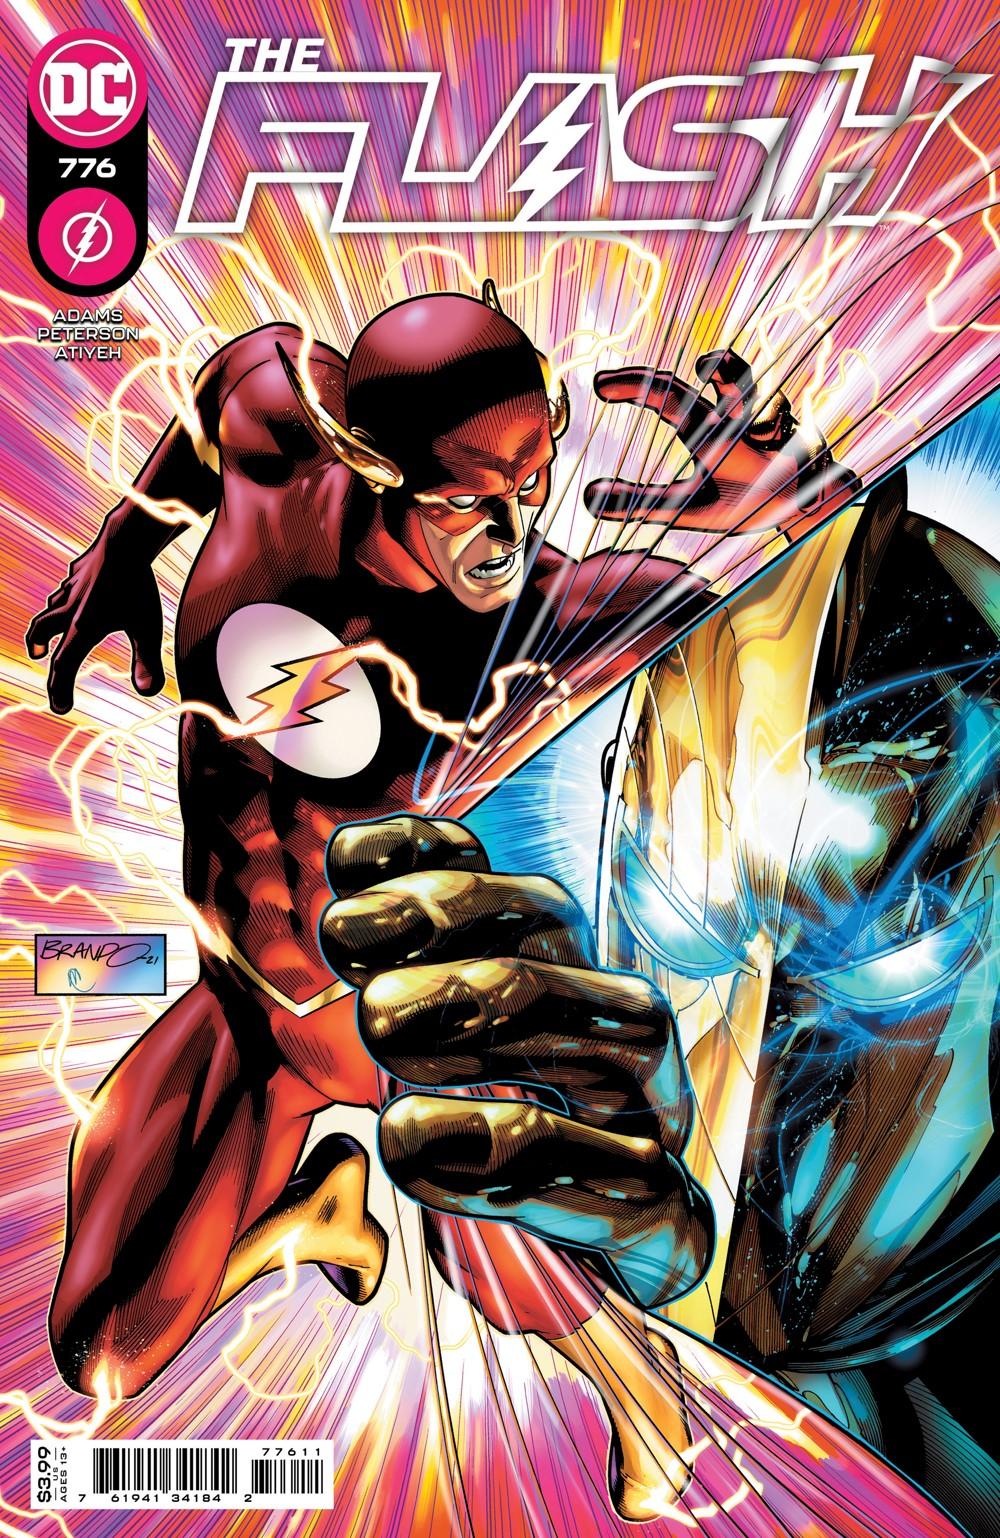 FLS_Cv776 DC Comics November 2021 Solicitations